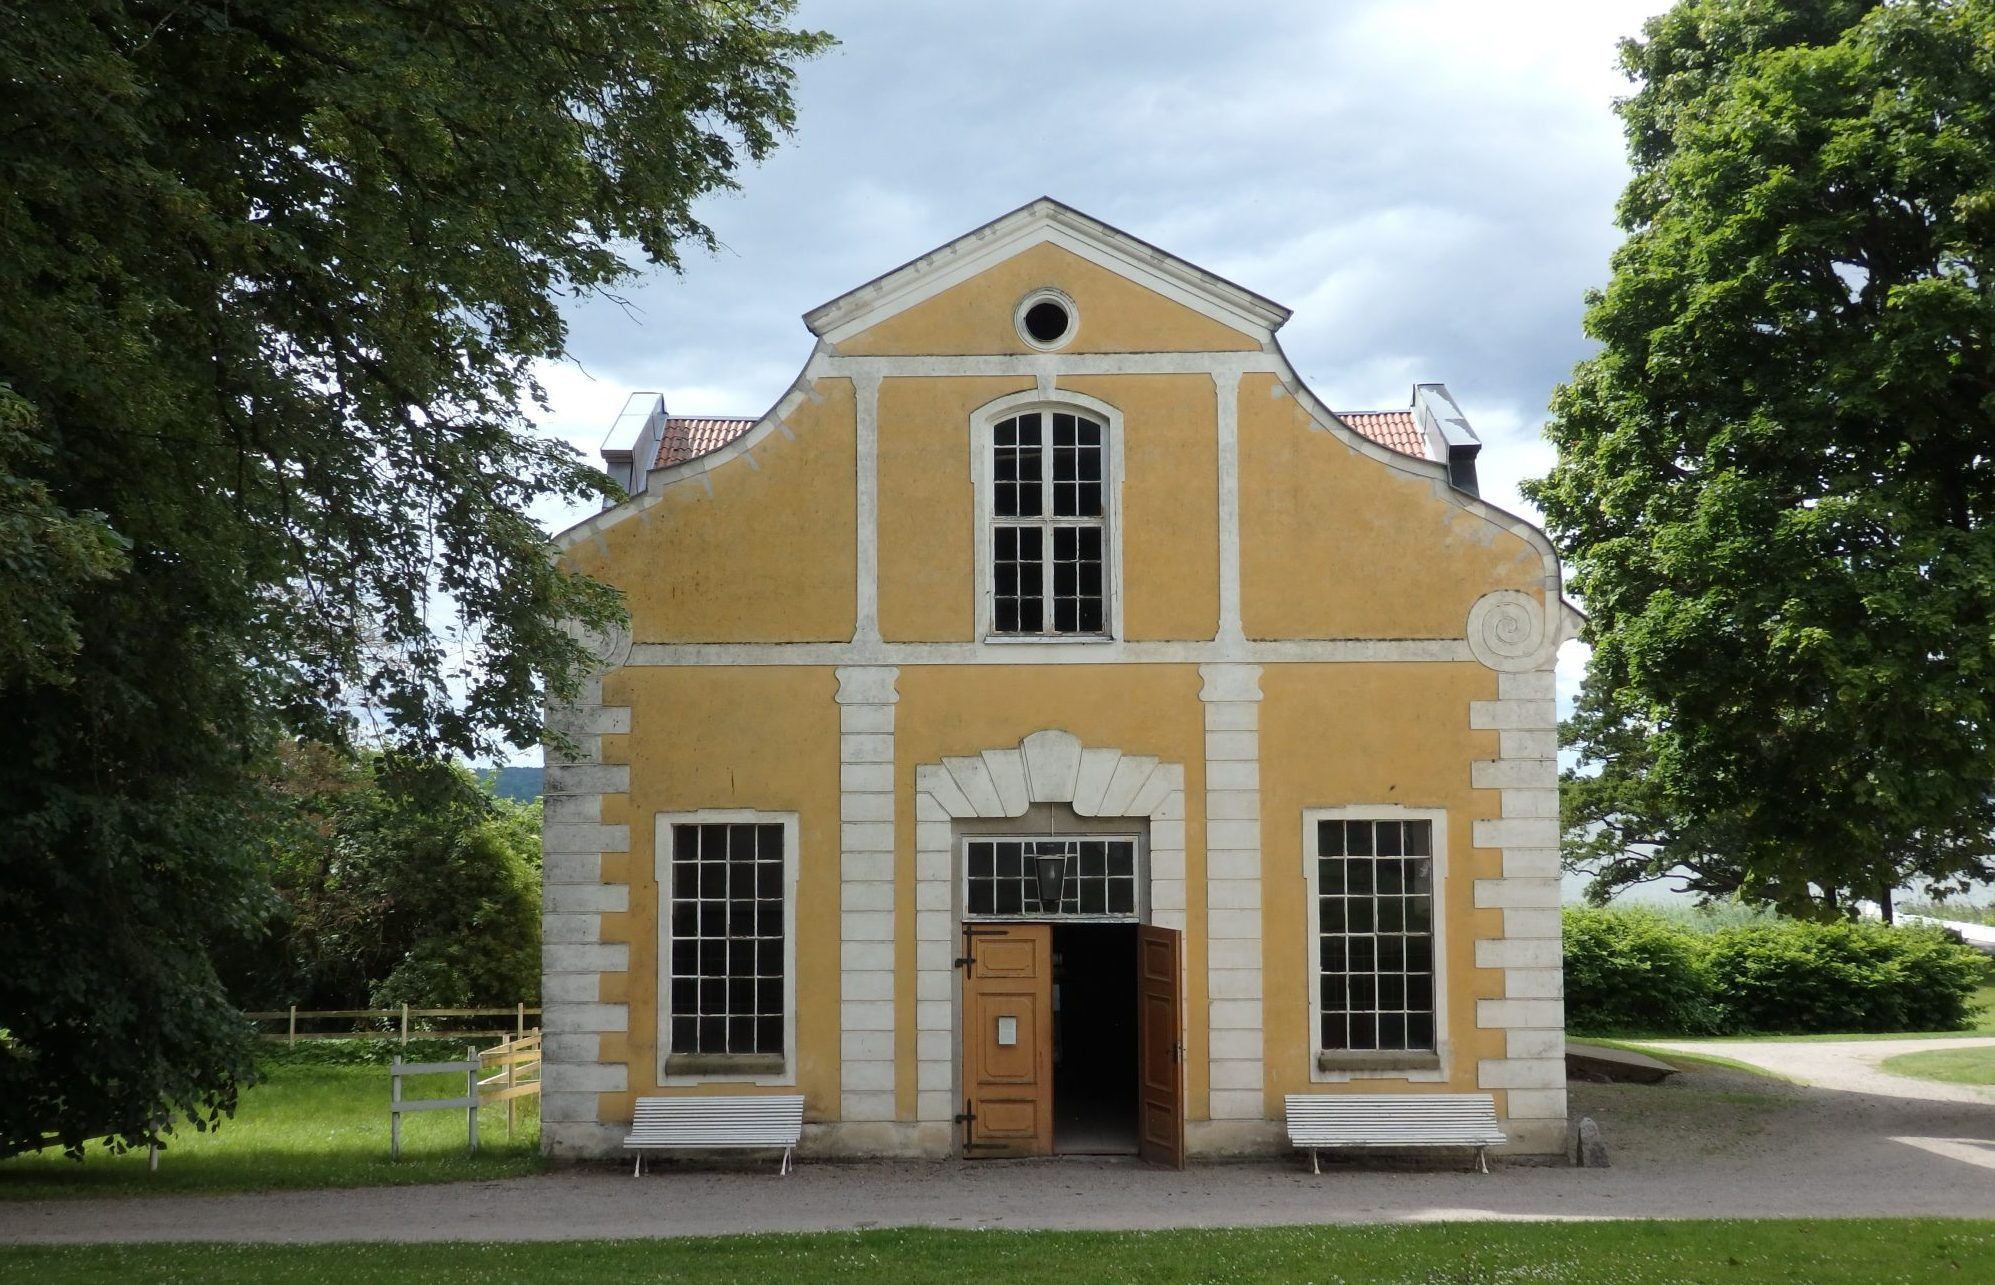 One of the original buildings at Julita estate